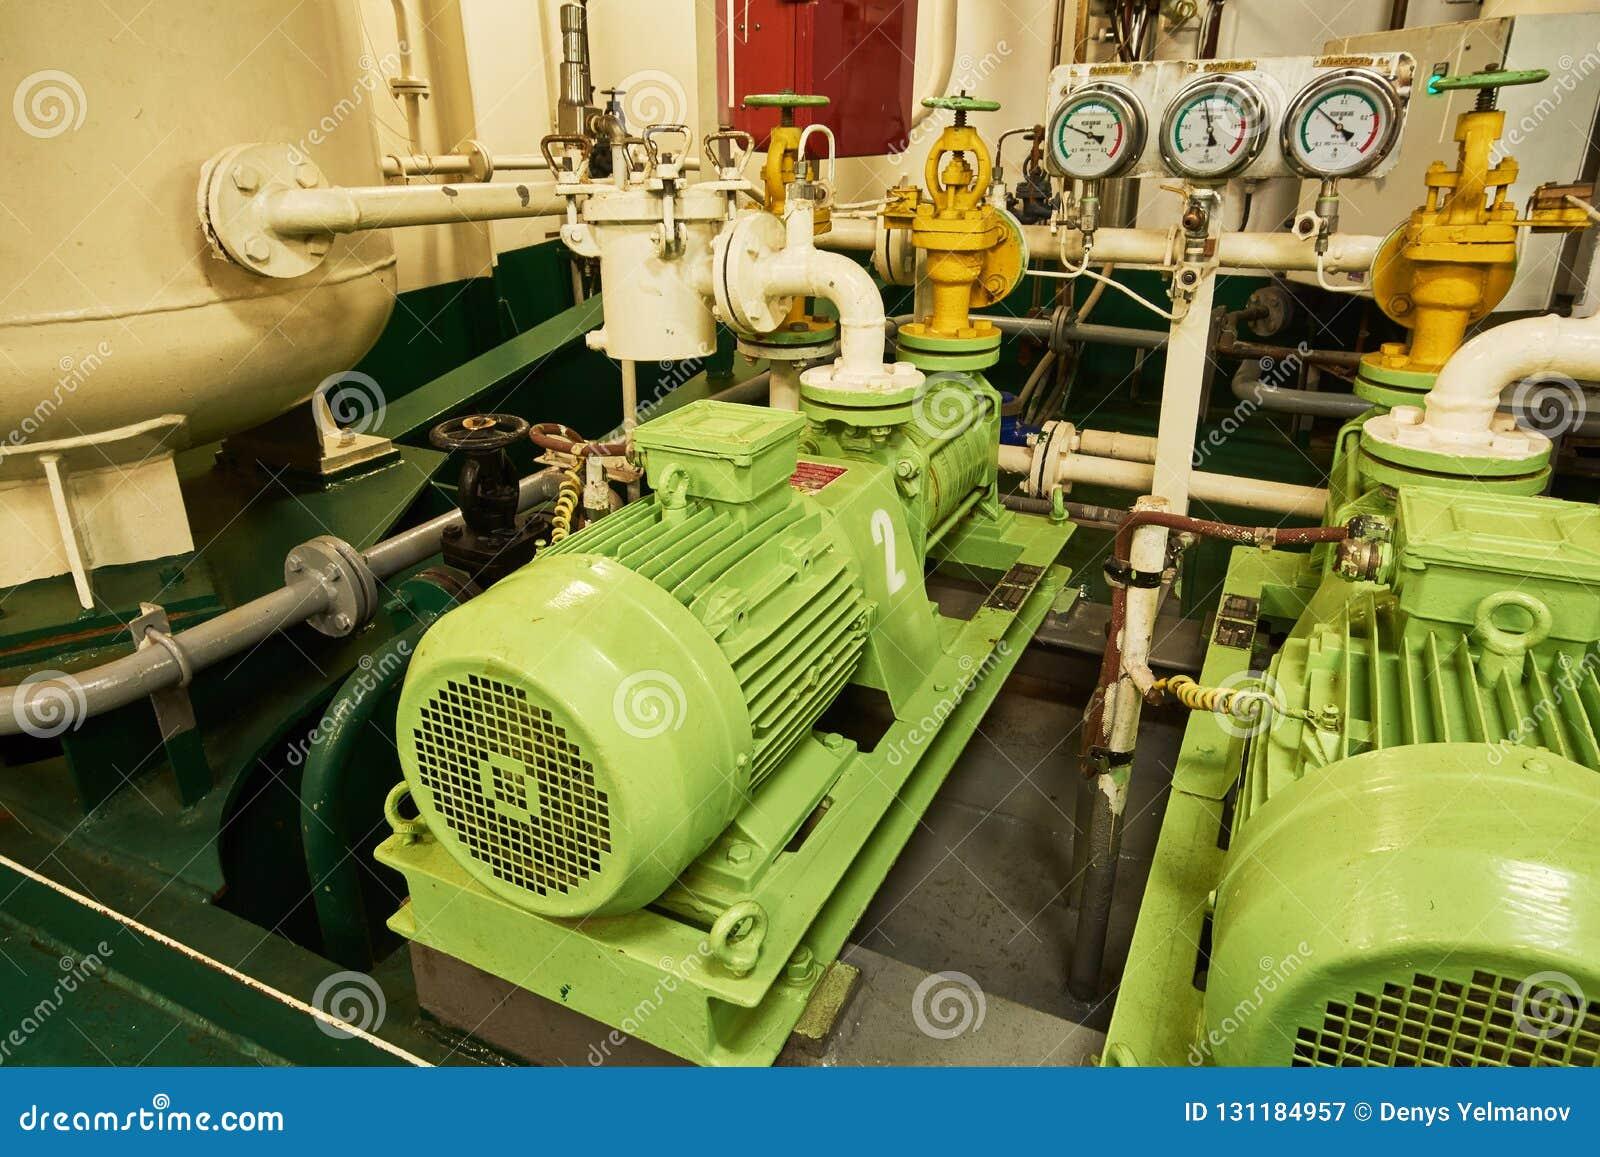 Vista panorámica de motores eléctricos en un buque mercante en la sala de máquinas